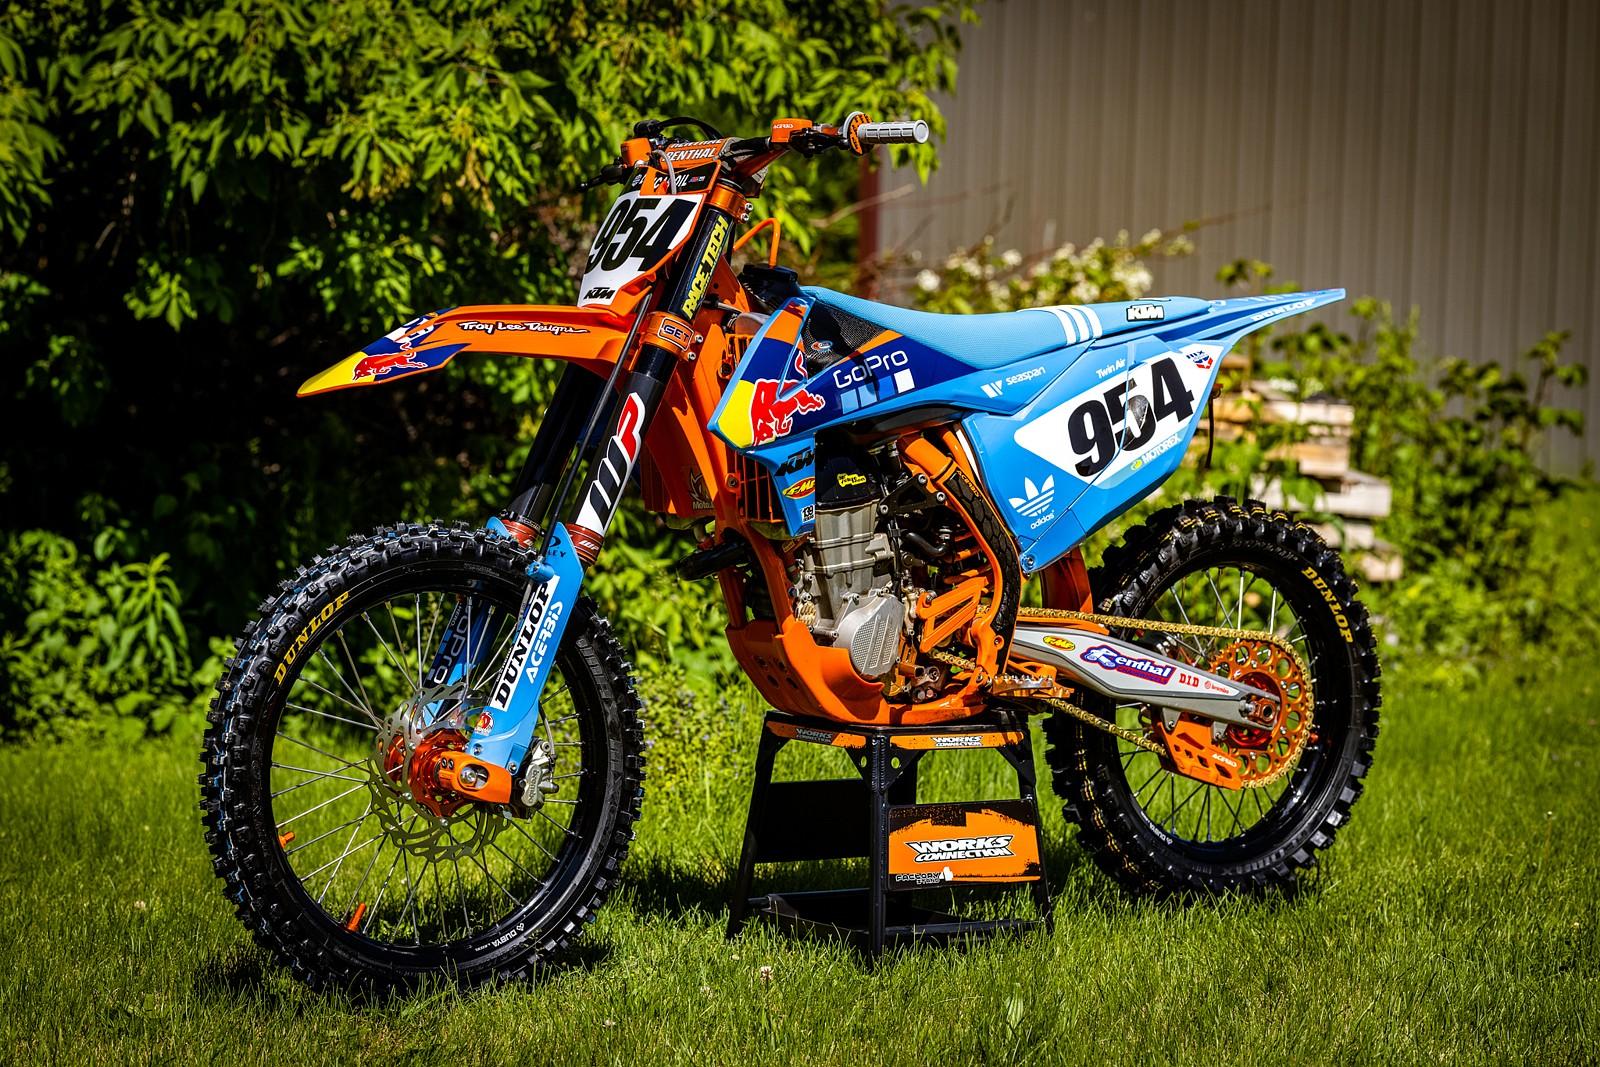 ktm 4 - GForce MMG - Motocross Pictures - Vital MX